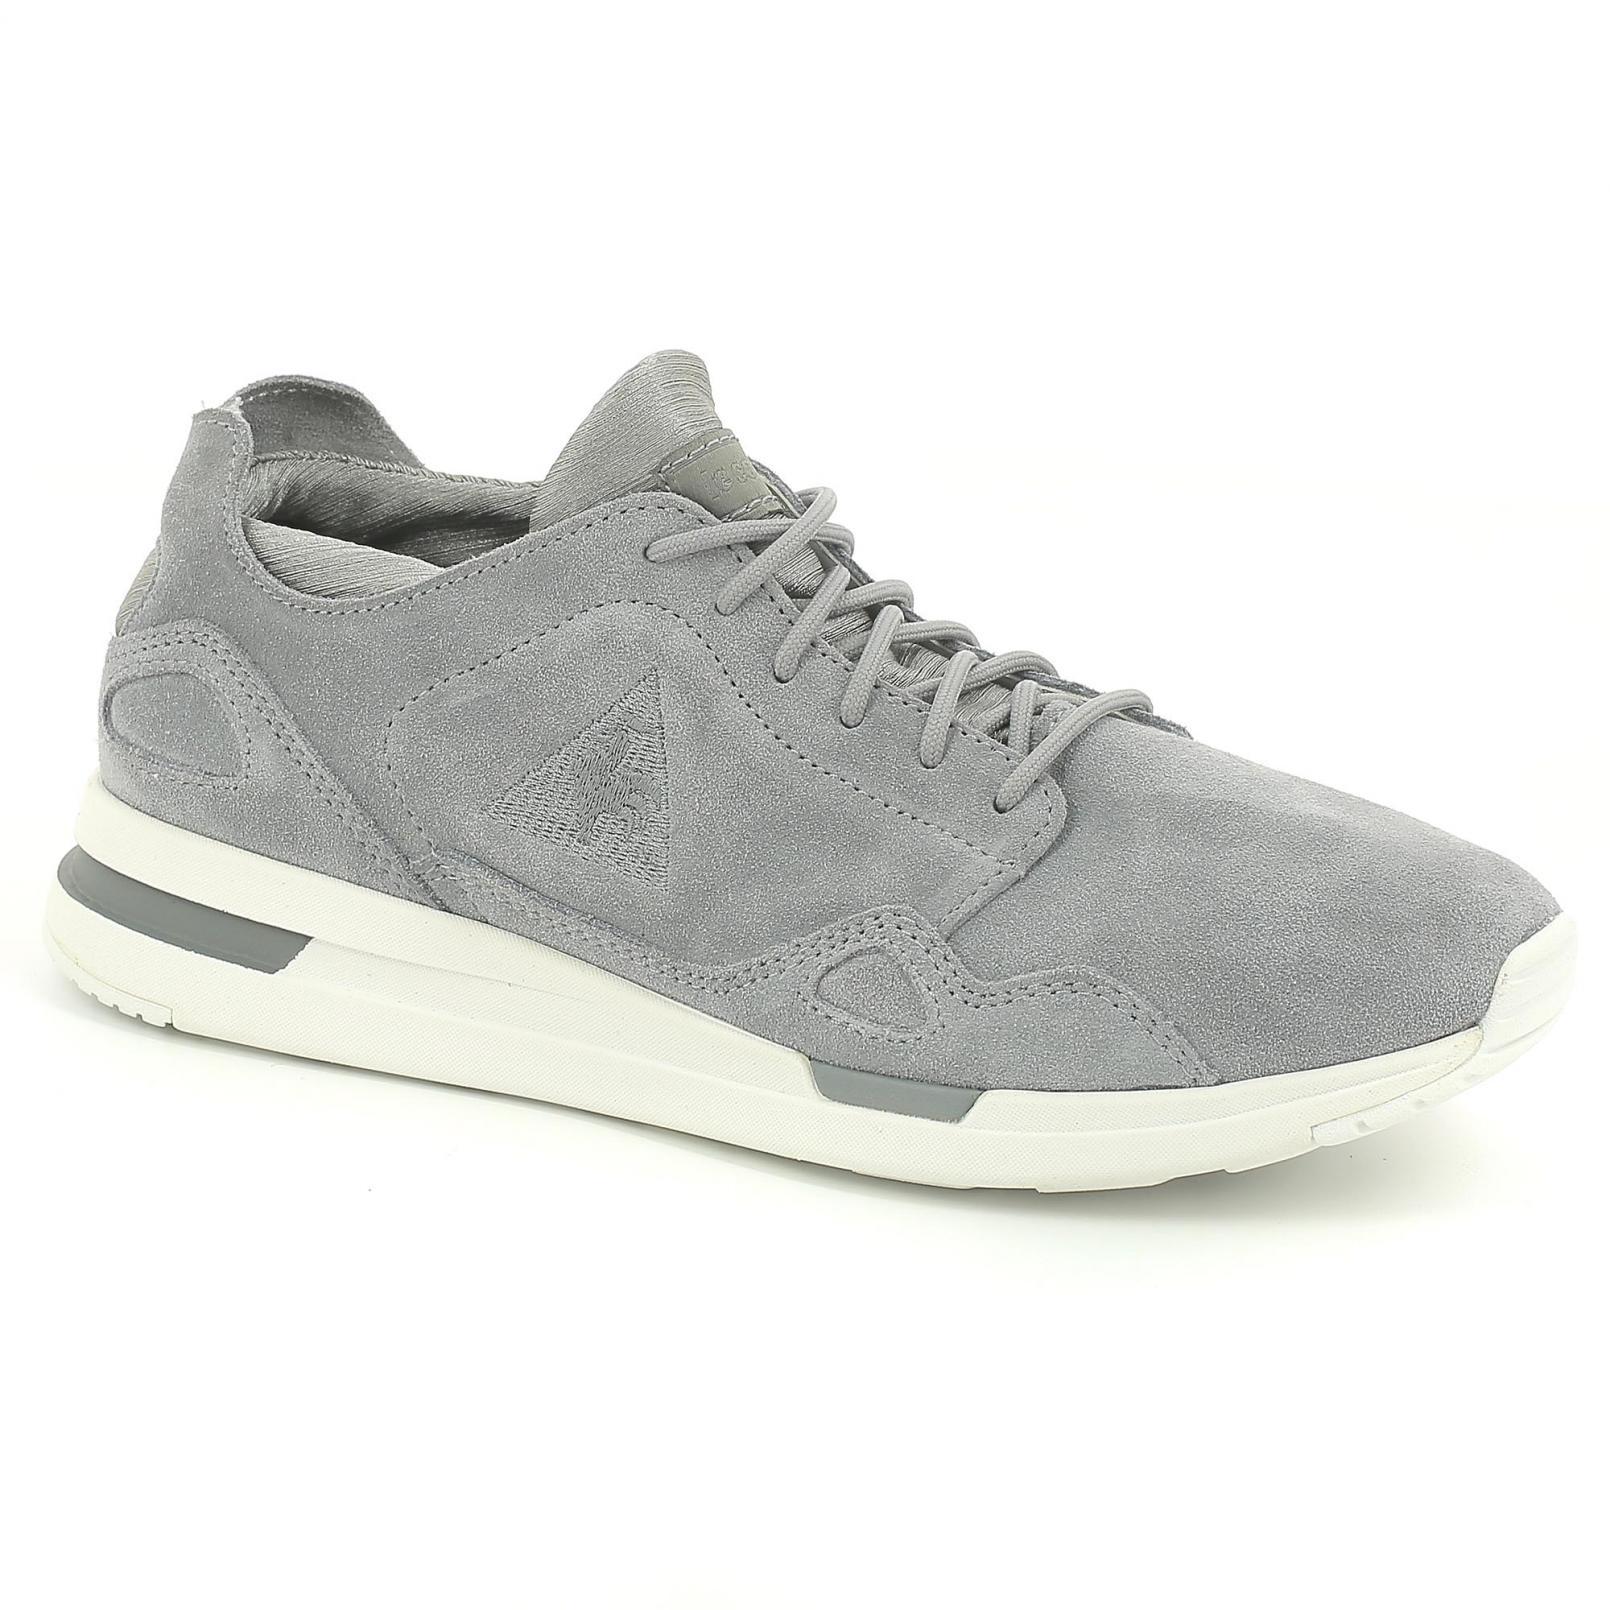 Shoes – Le Coq Sportif Lcs R Flow W Suede/Satin Grey